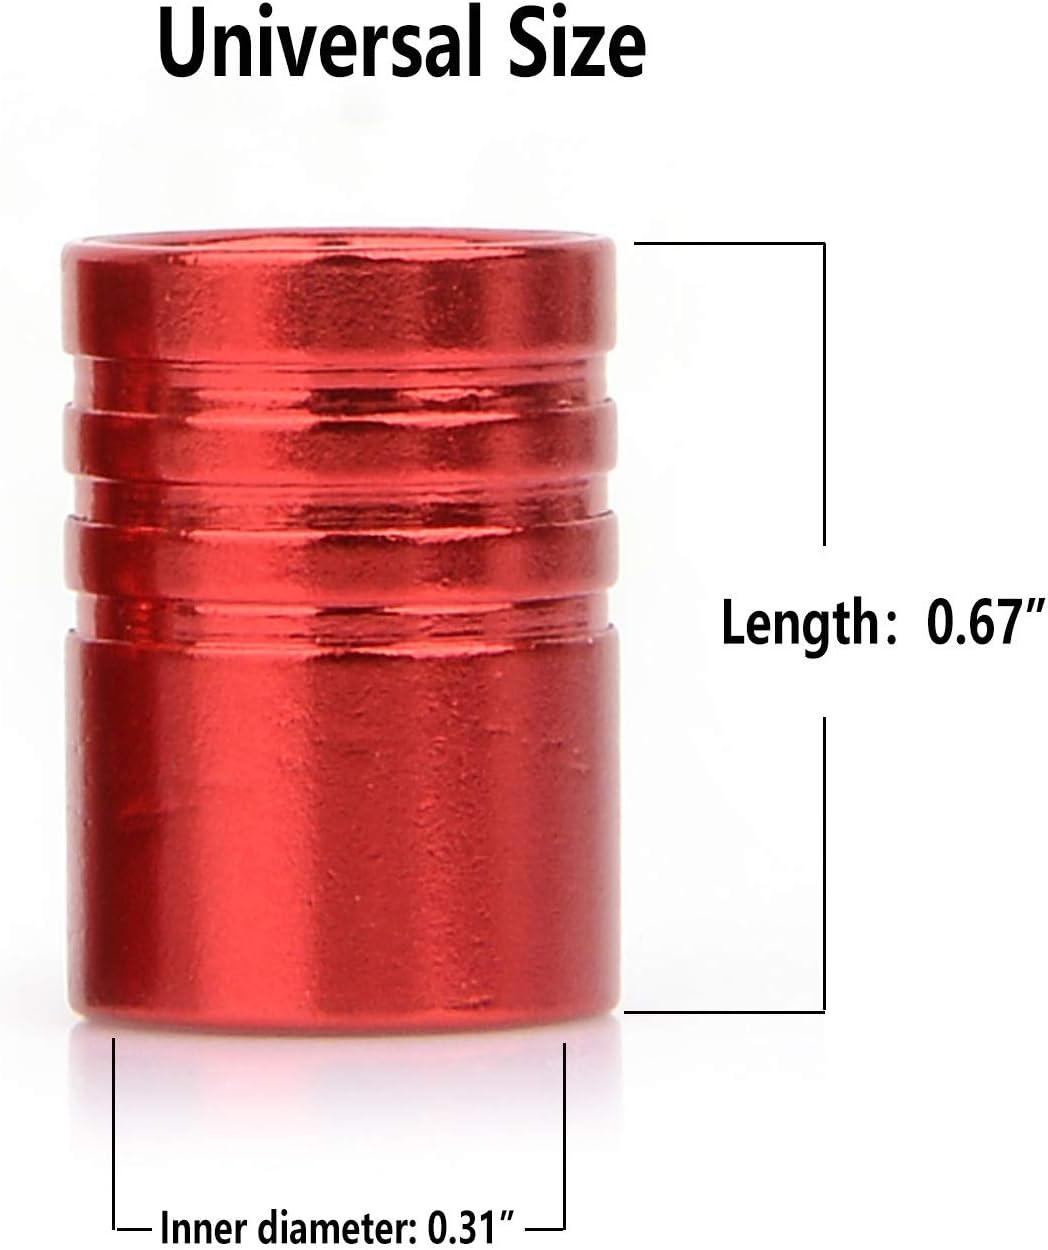 Premium Metal with Plastic Liner Anti-Corrosion Tire Air Stem Cap Emblem Universal fit Car Motorbike Truck Bike 4 Pack Wheel Valve Stem Cap Cover